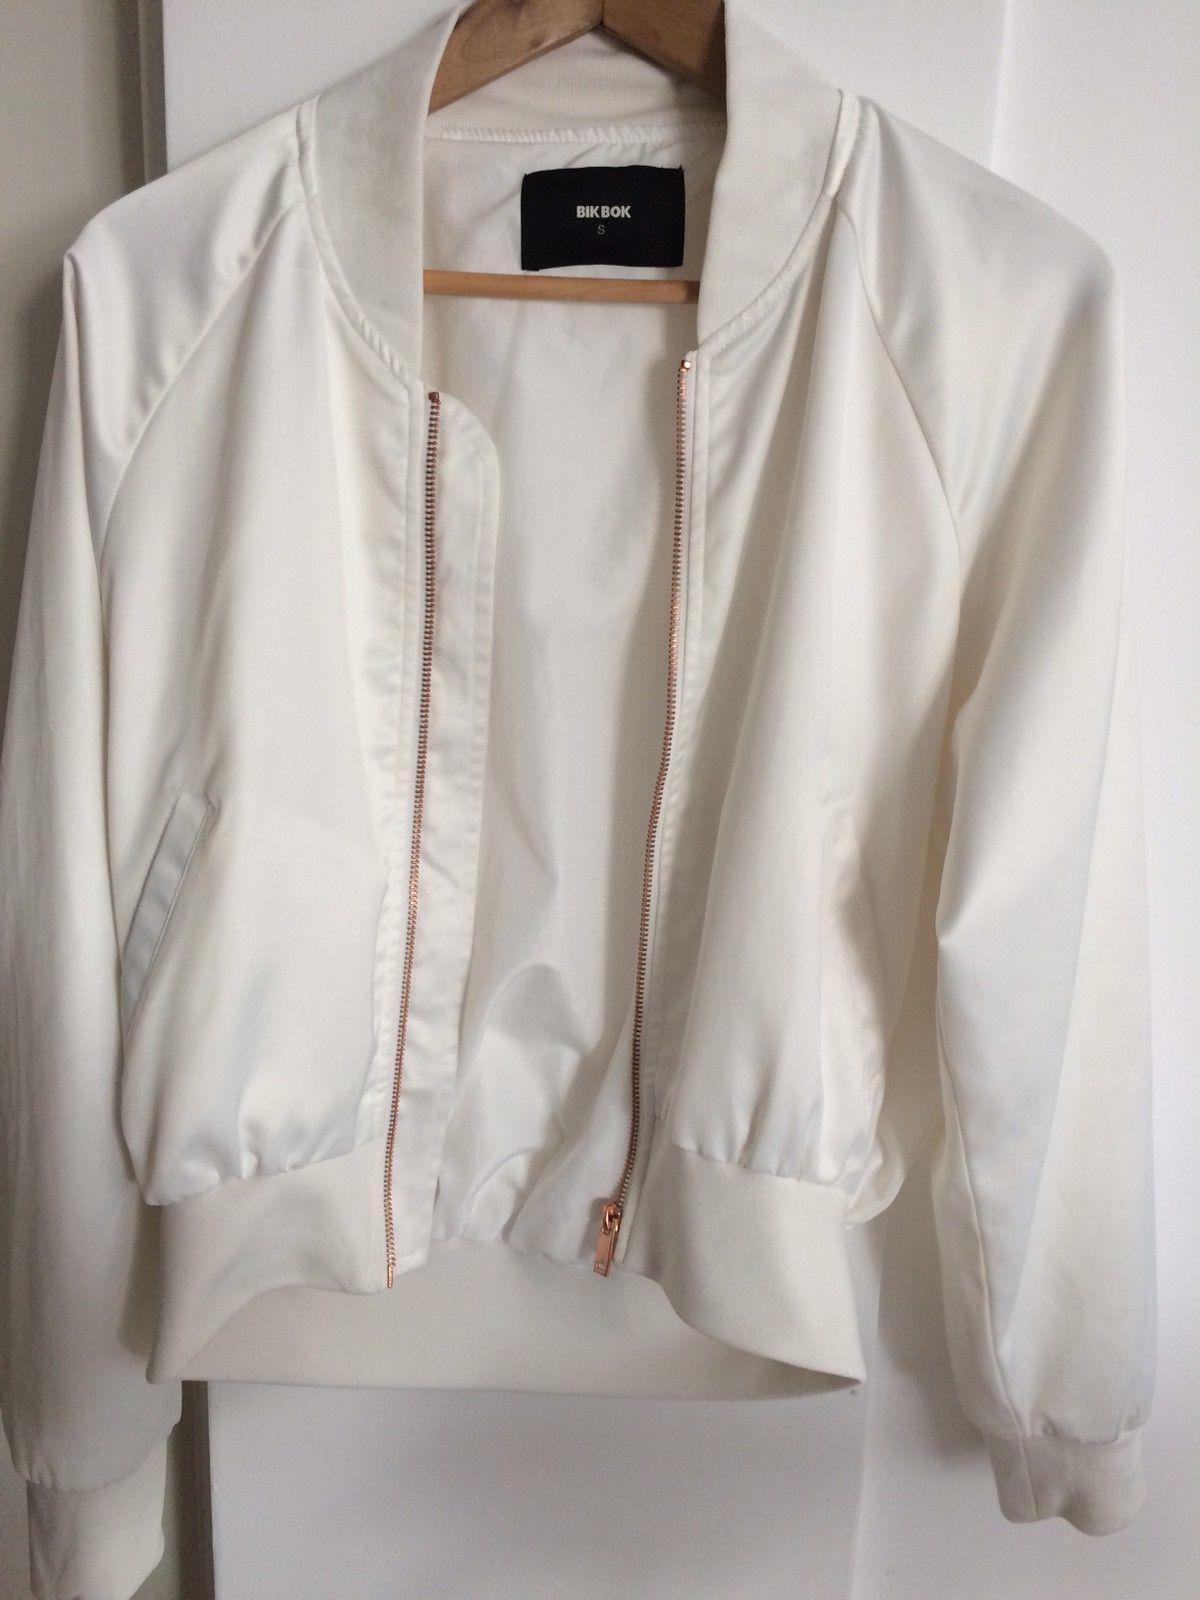 Jakke i hvit cordfløyel | FINN.no